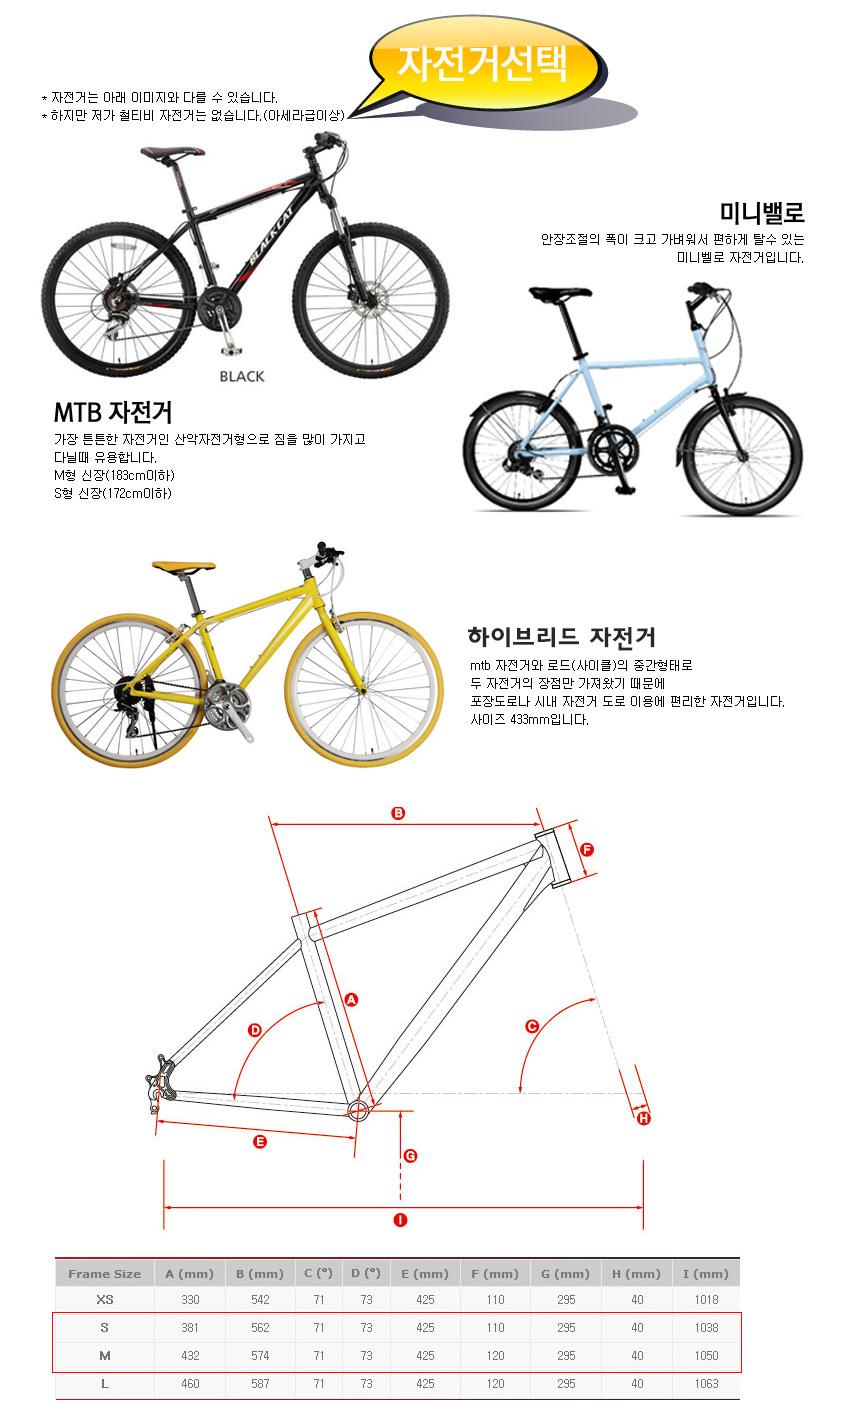 예약자전거선택; mtb/미니벨로